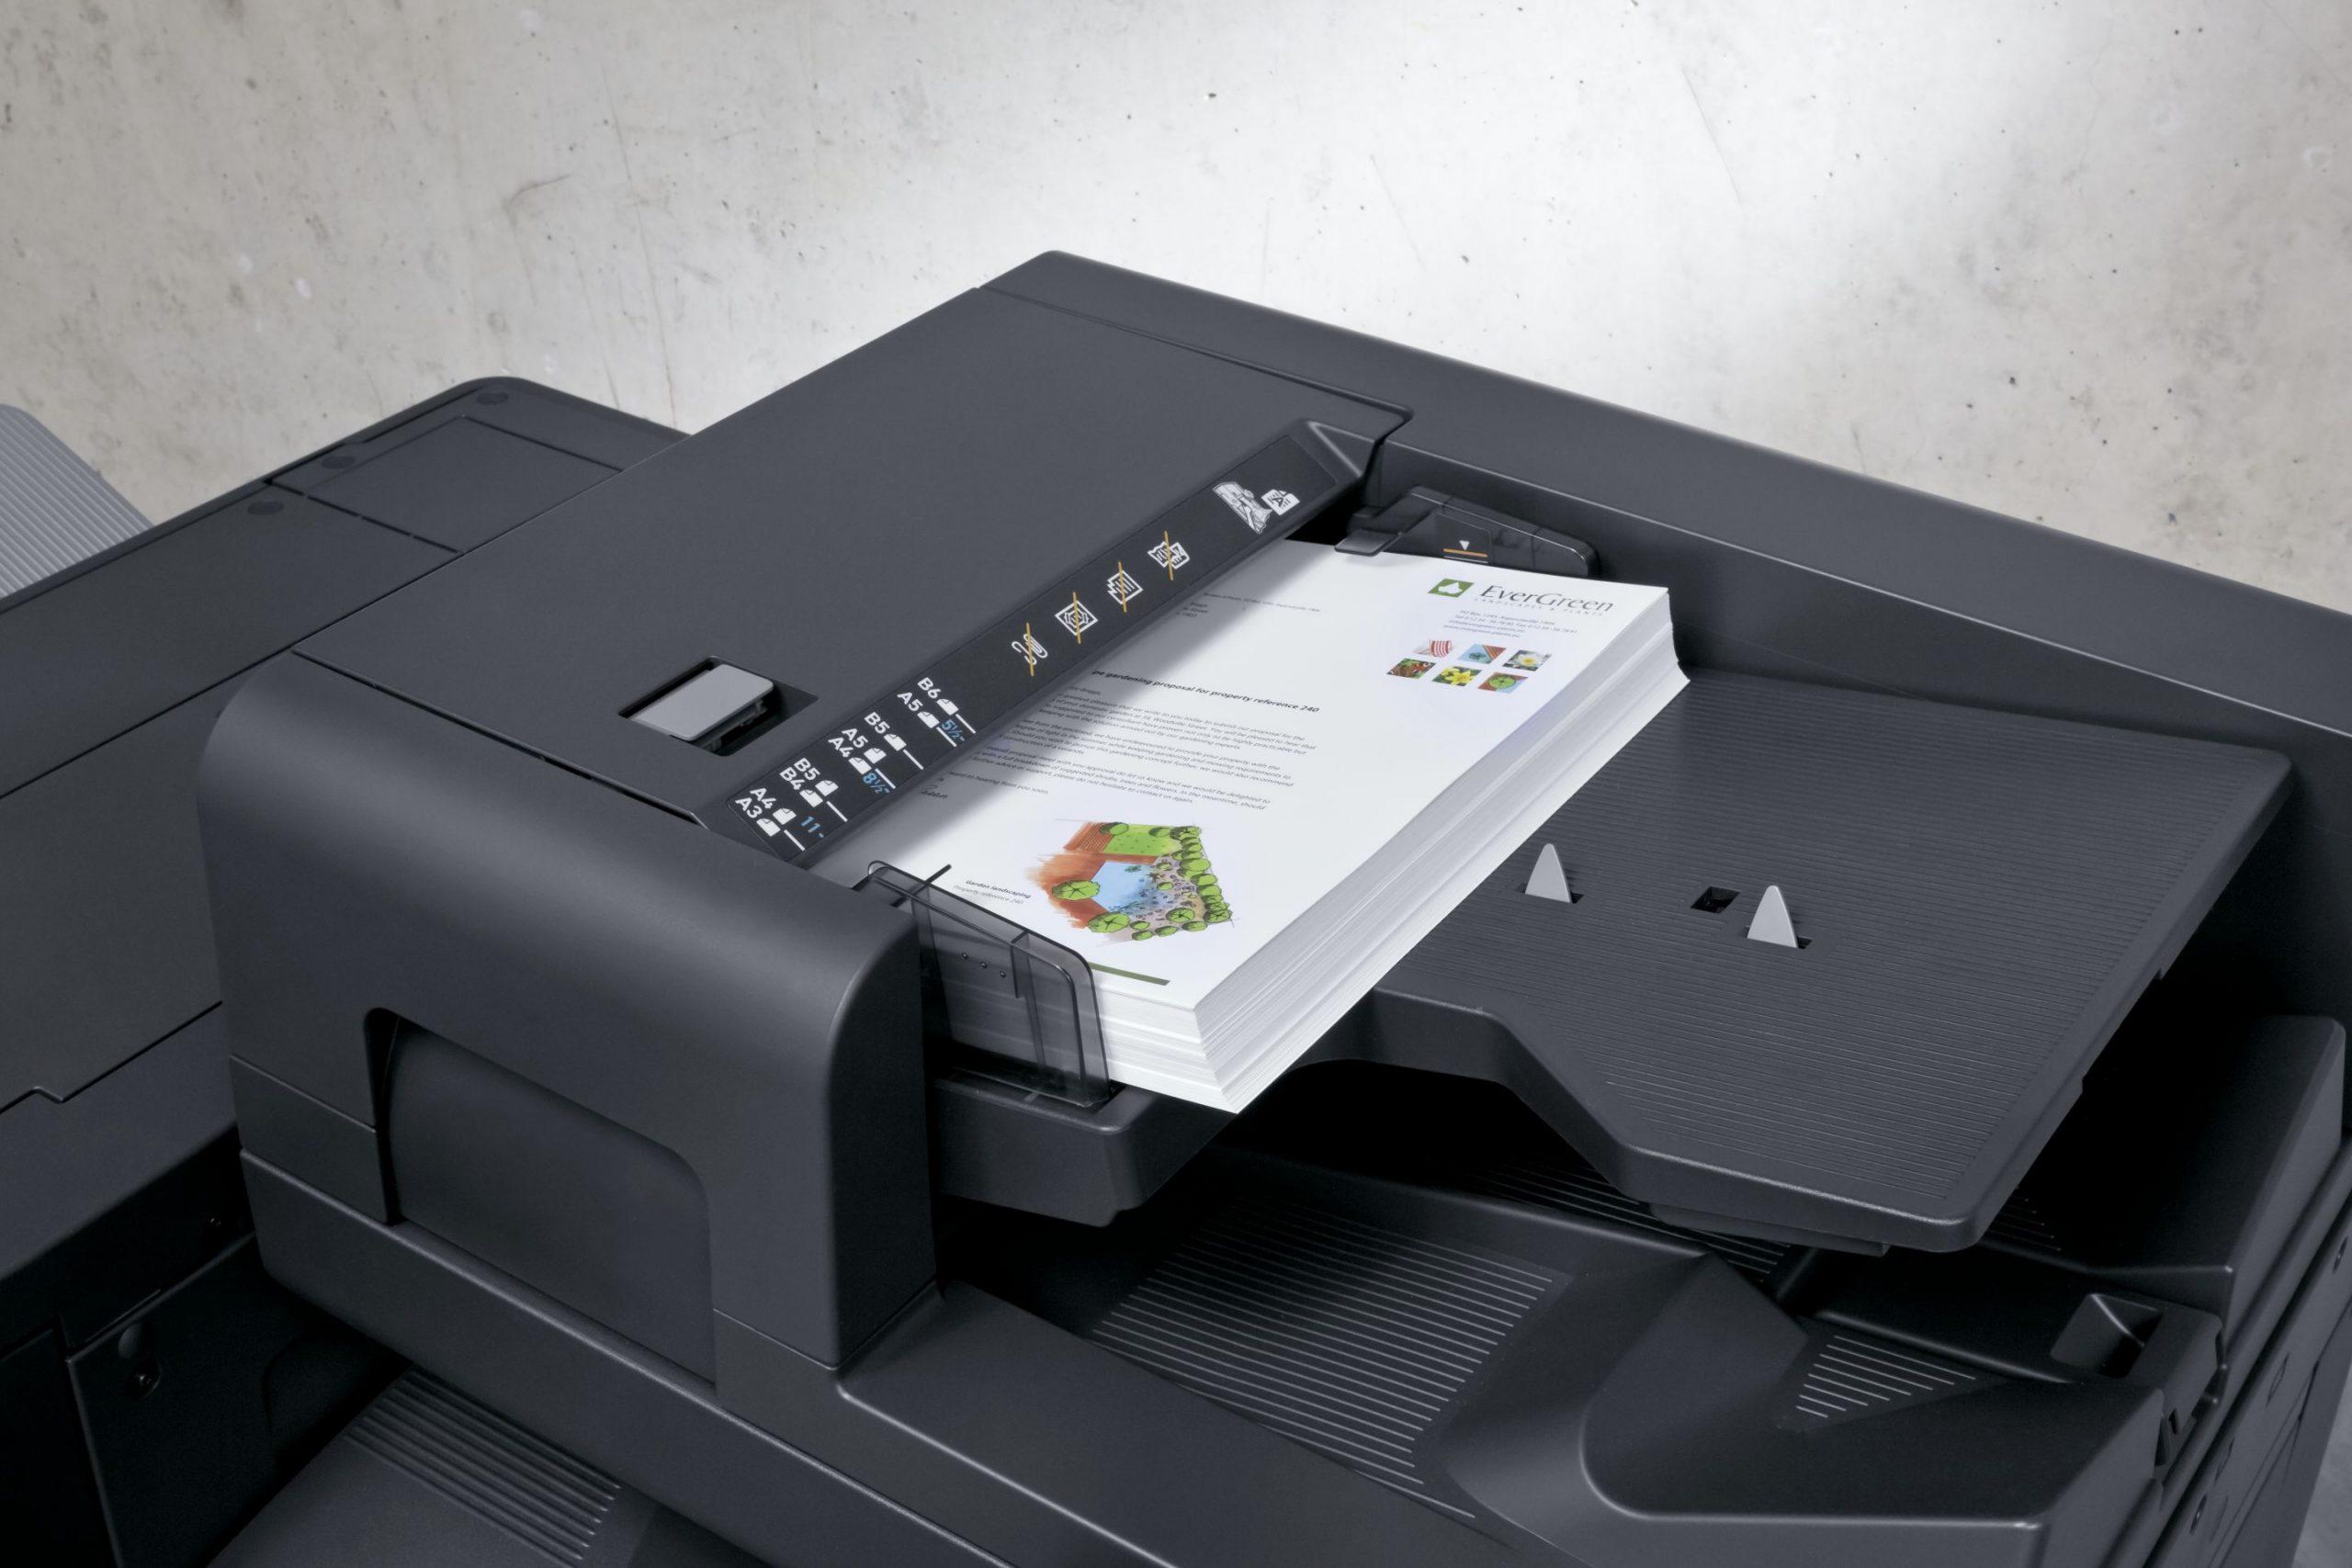 Anderhalve meter gaat mis bij de printer